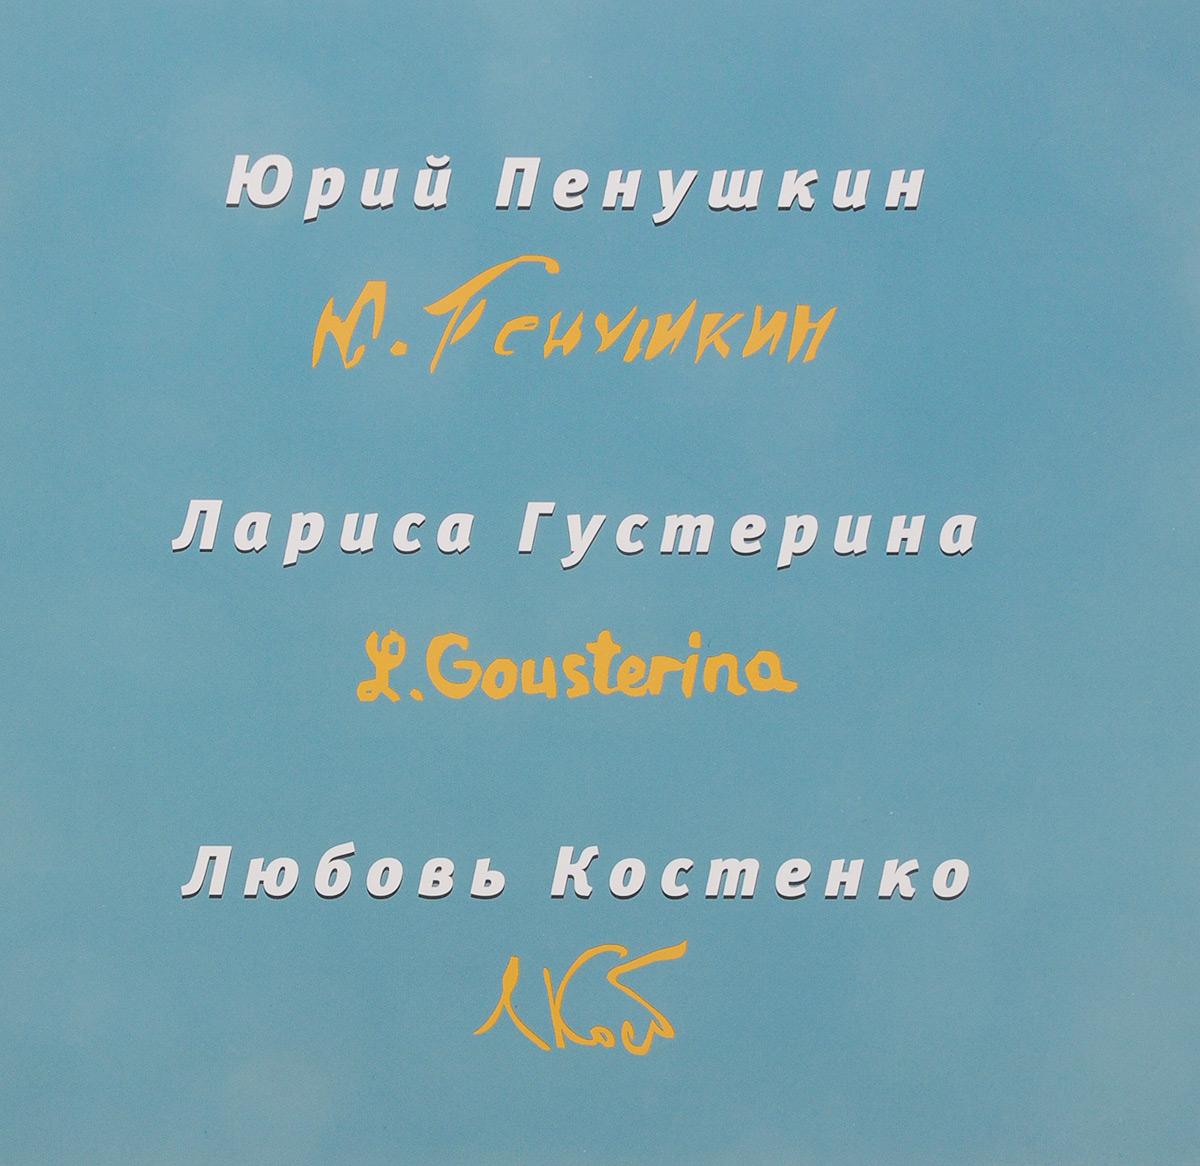 Юрий Пенушкин. Лариса Густерина. Любовь Костенко. Выставка произведений